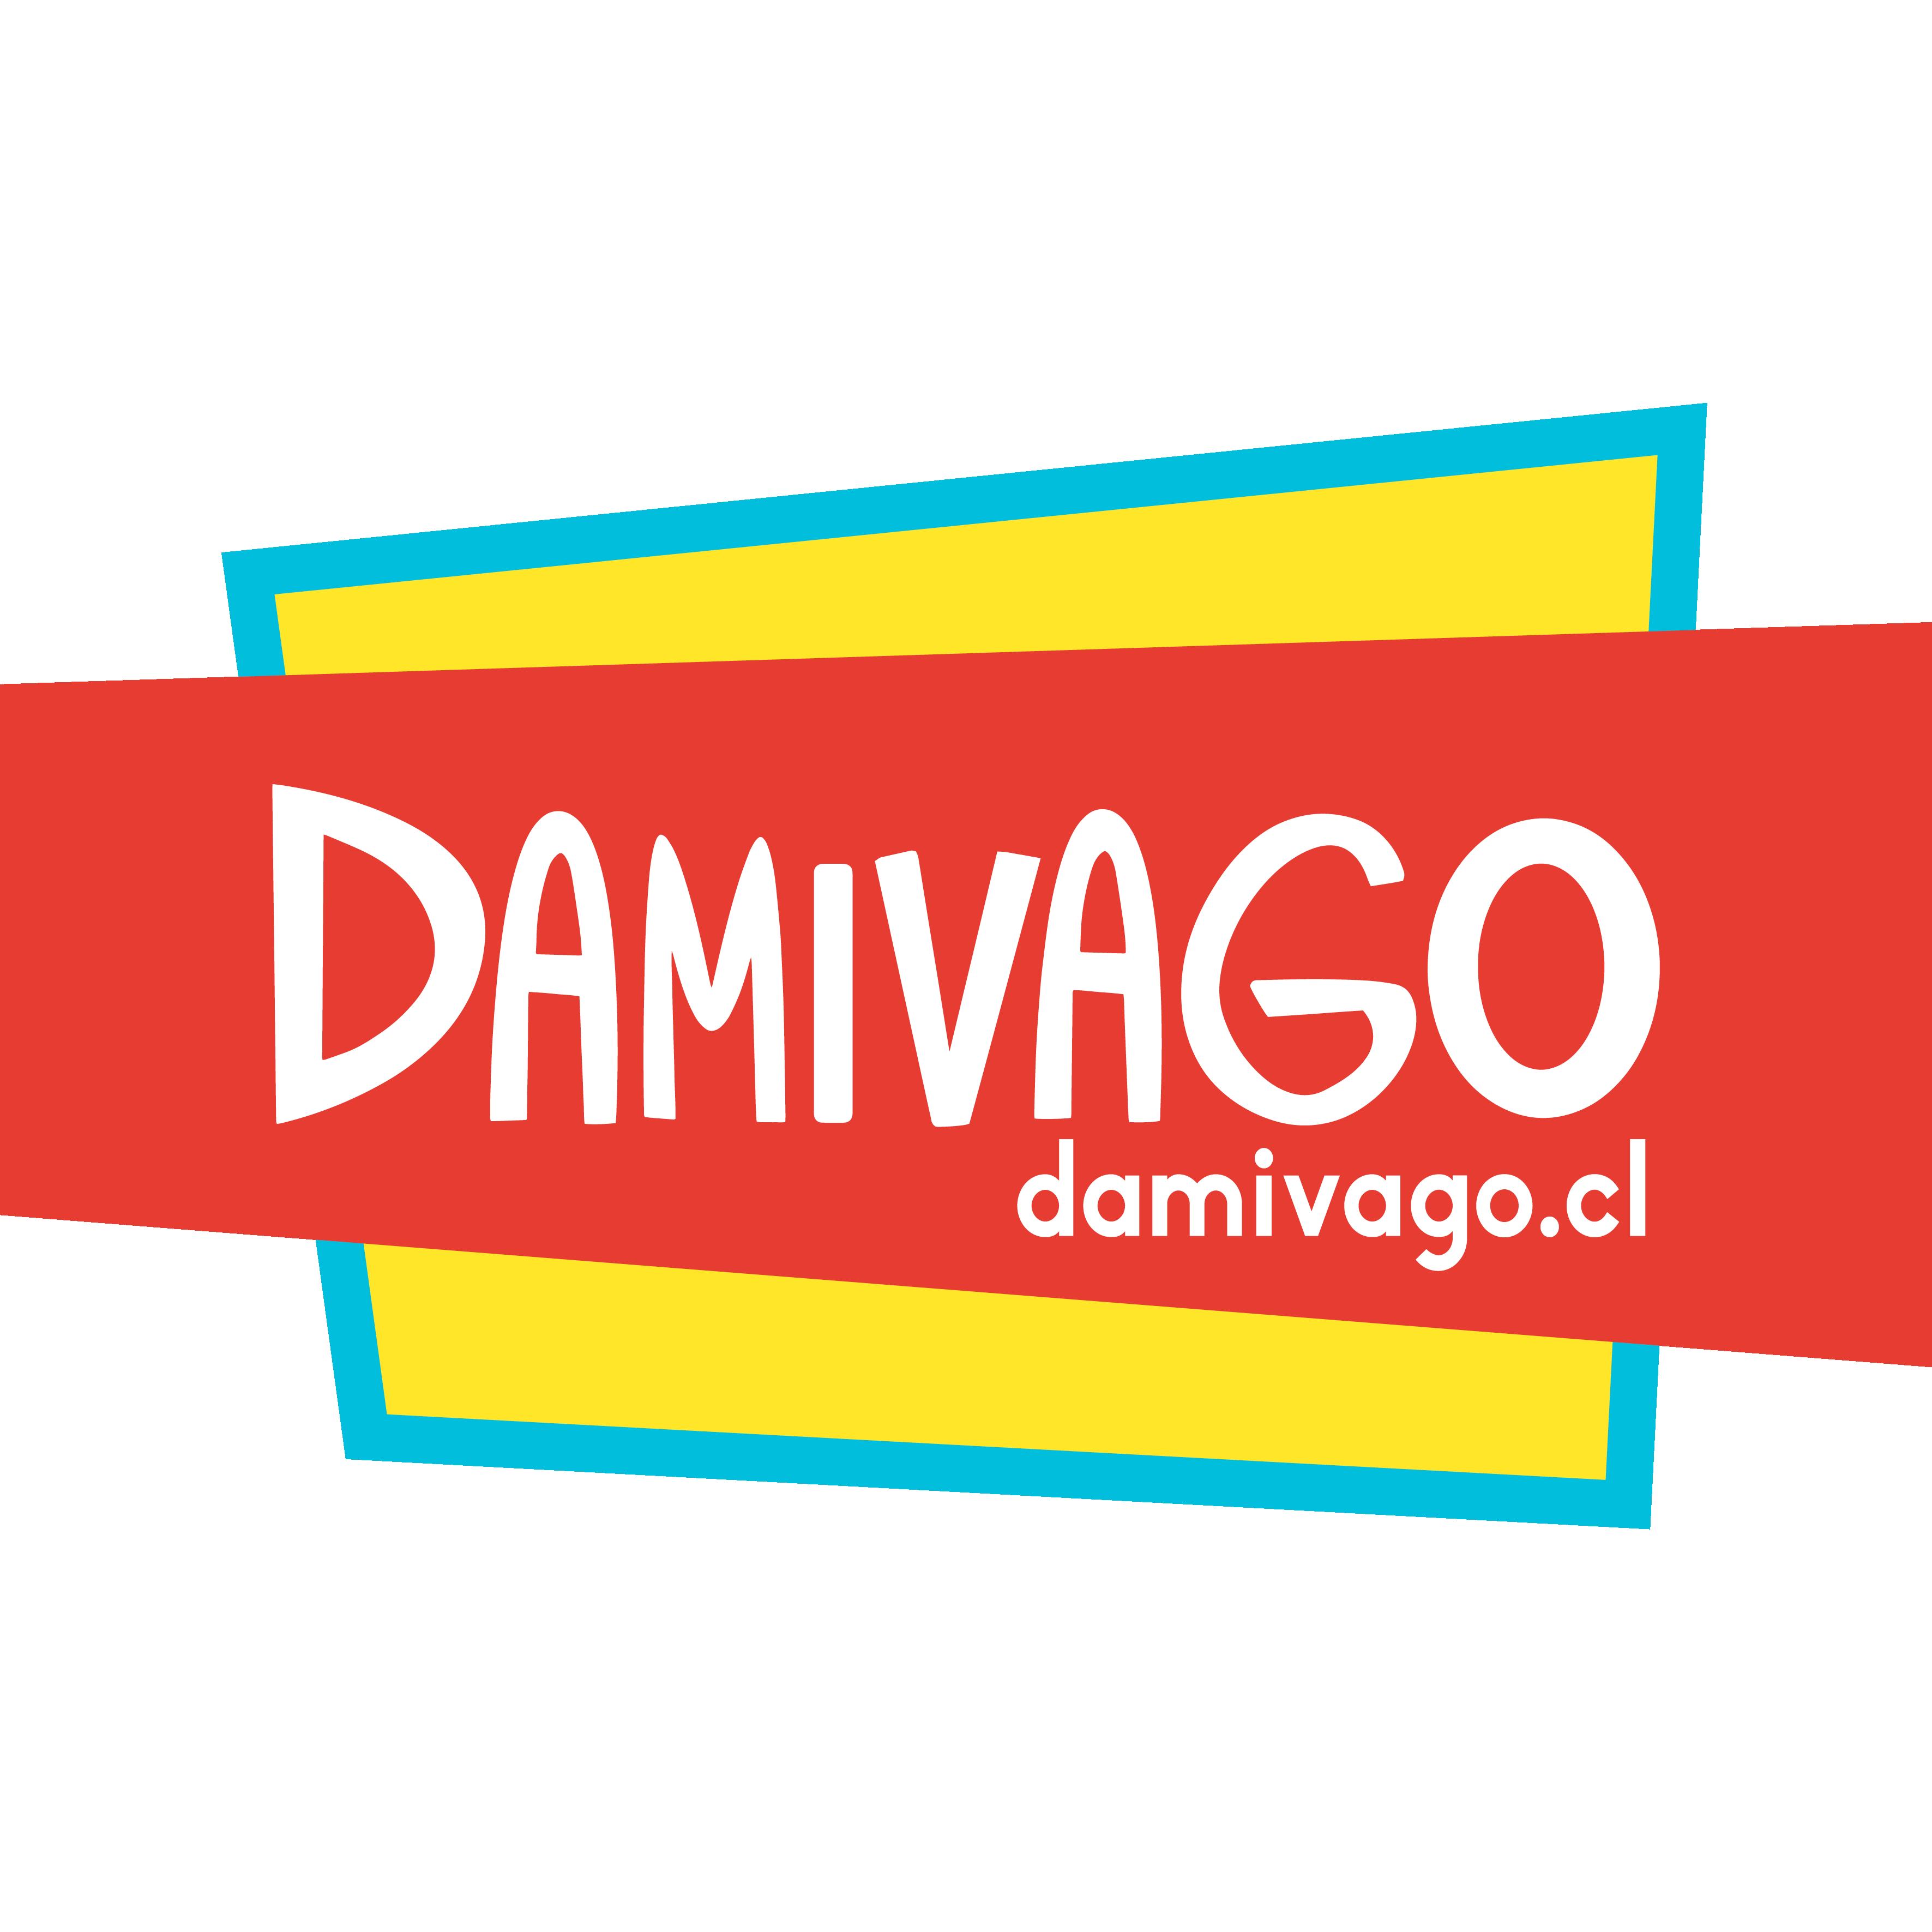 Damivago - Comics no aptos para amargados